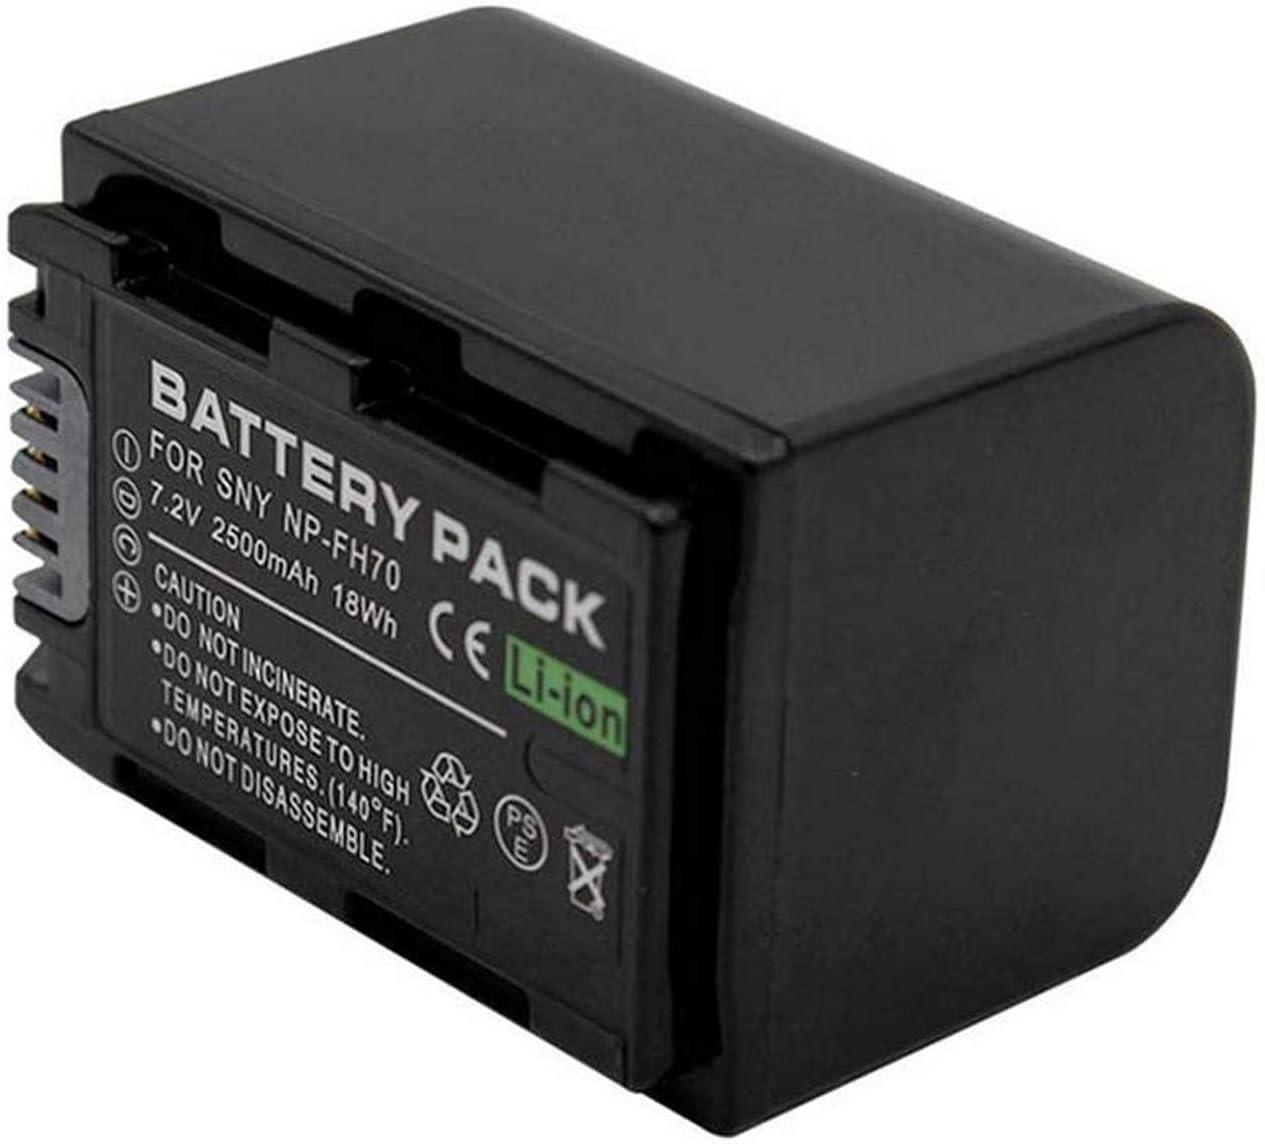 DCR-SR46E Battery Pack for Sony DCR-SR42E DCR-SR47E DCR-SR48E Handycam Camcorder DCR-SR45E